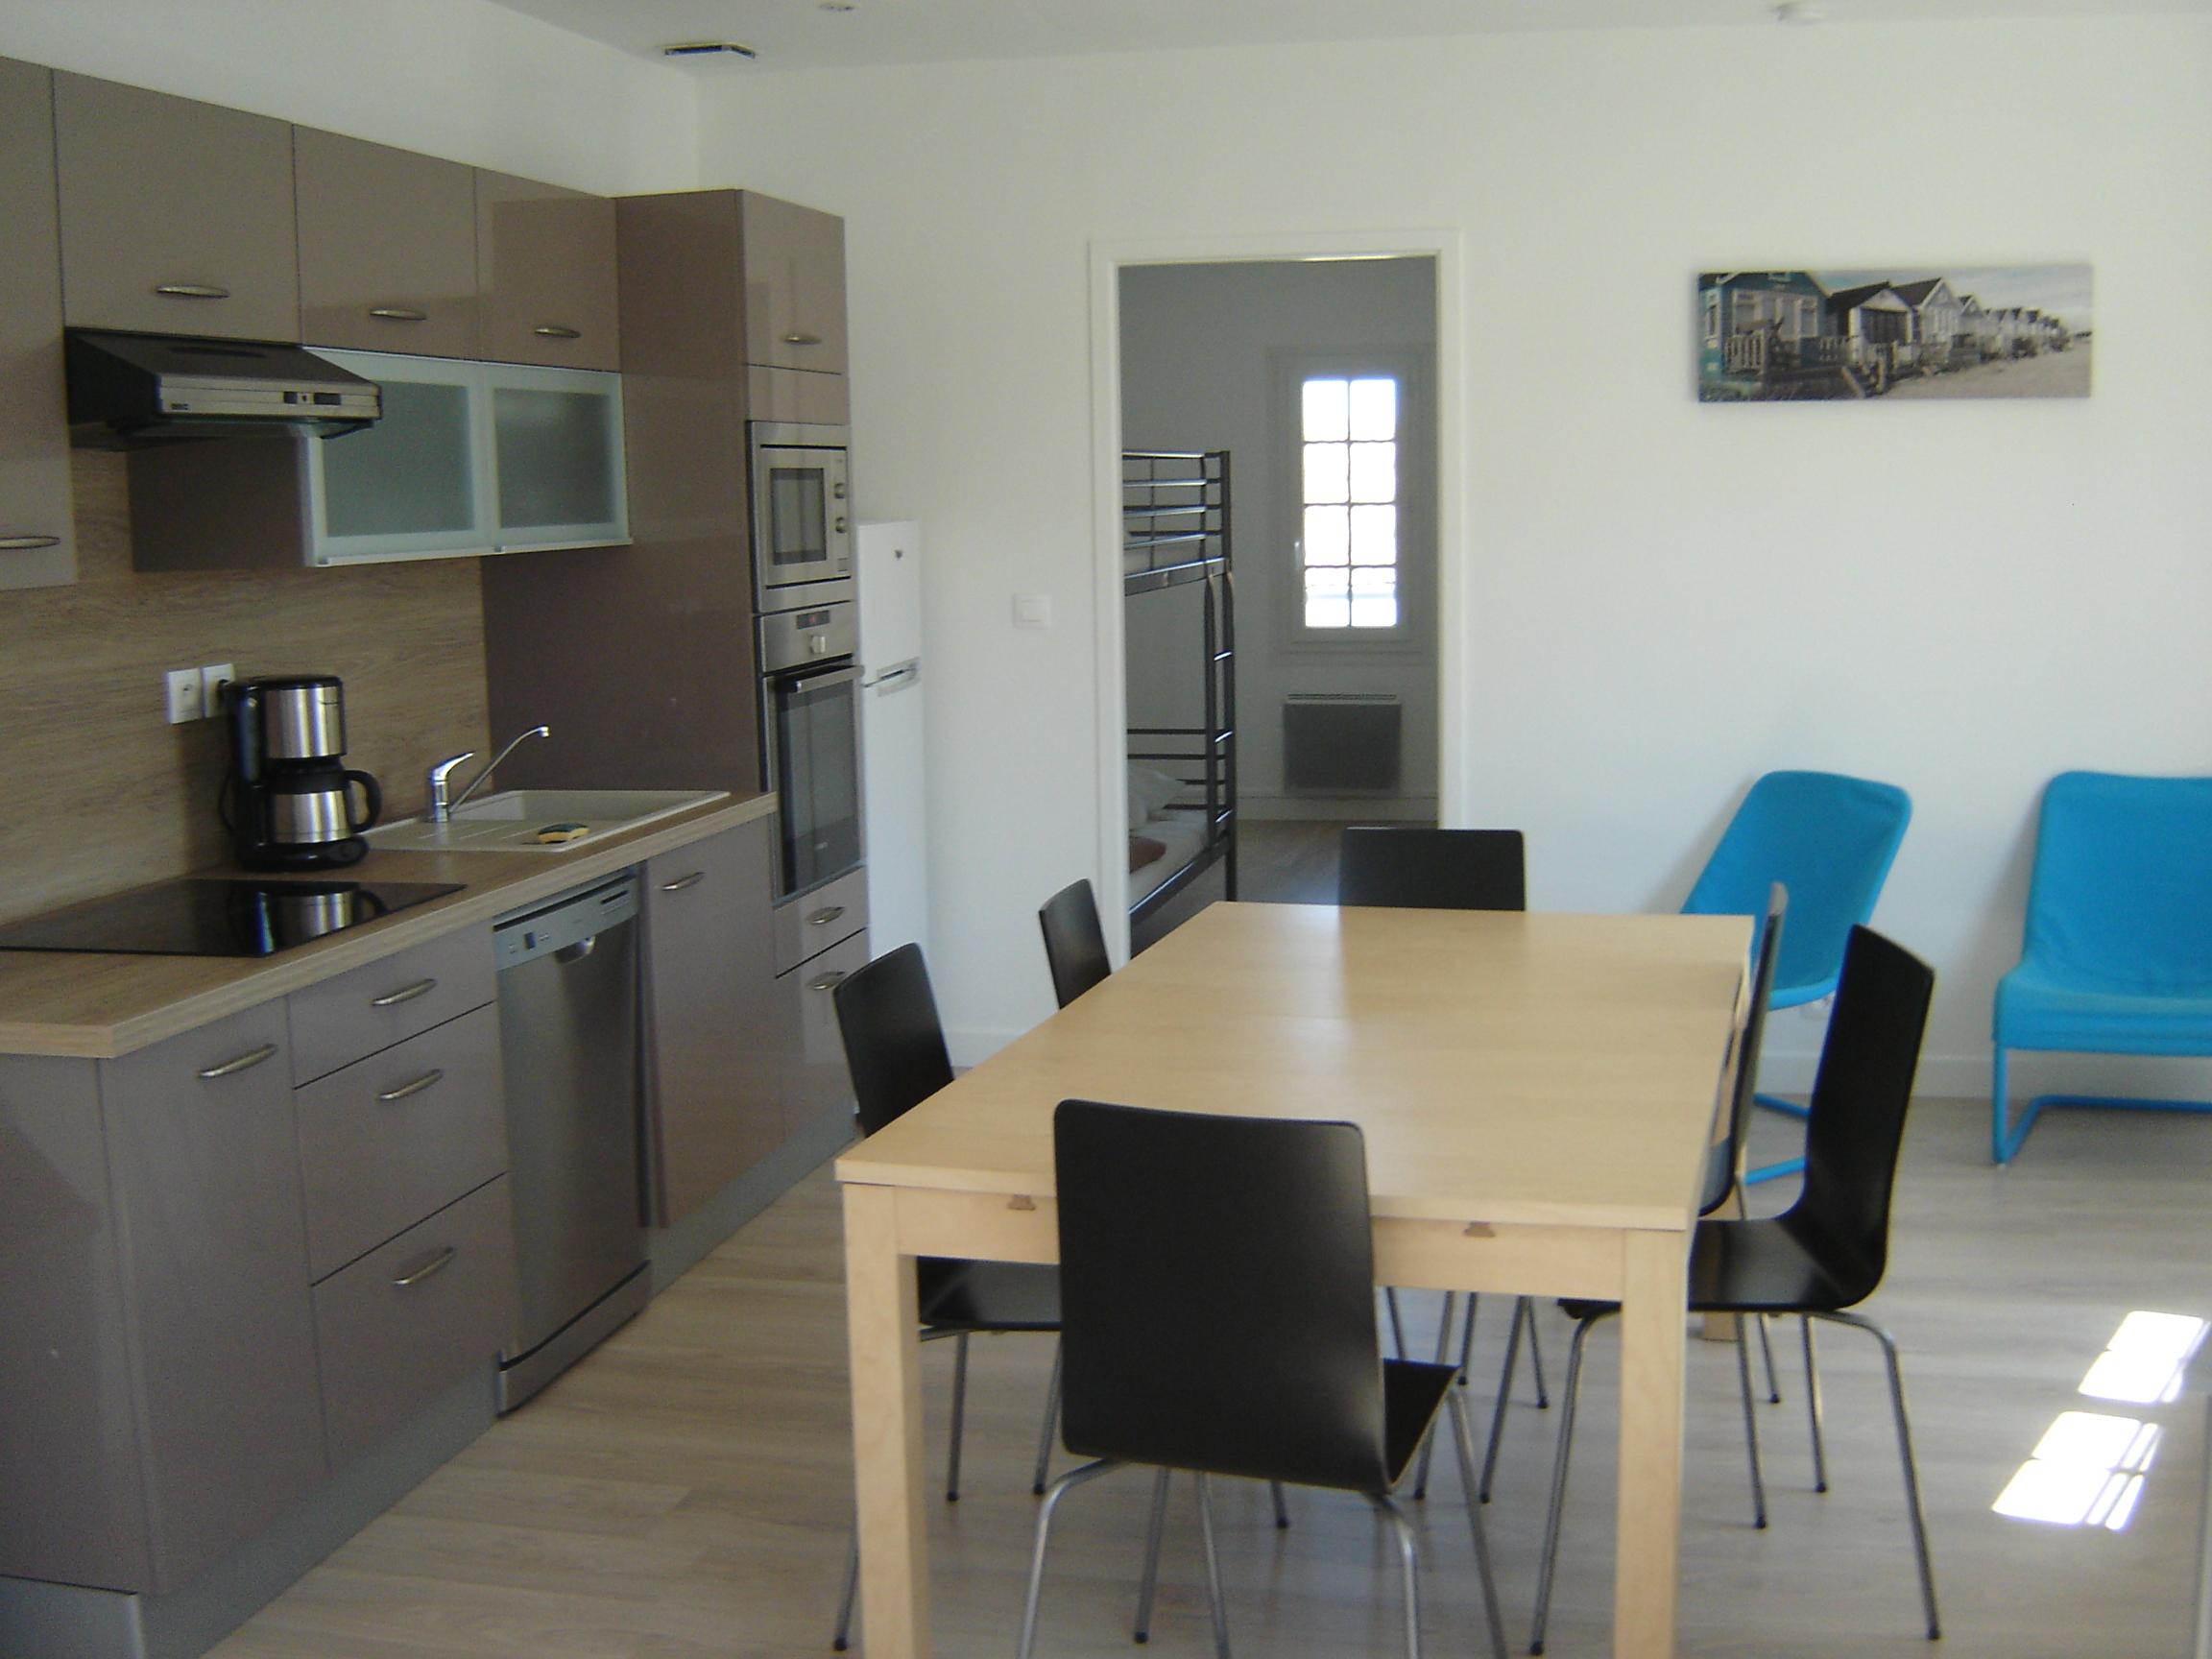 location ile de r rivedoux plage appartement meubl ile de r 60 m2 environ easy r. Black Bedroom Furniture Sets. Home Design Ideas